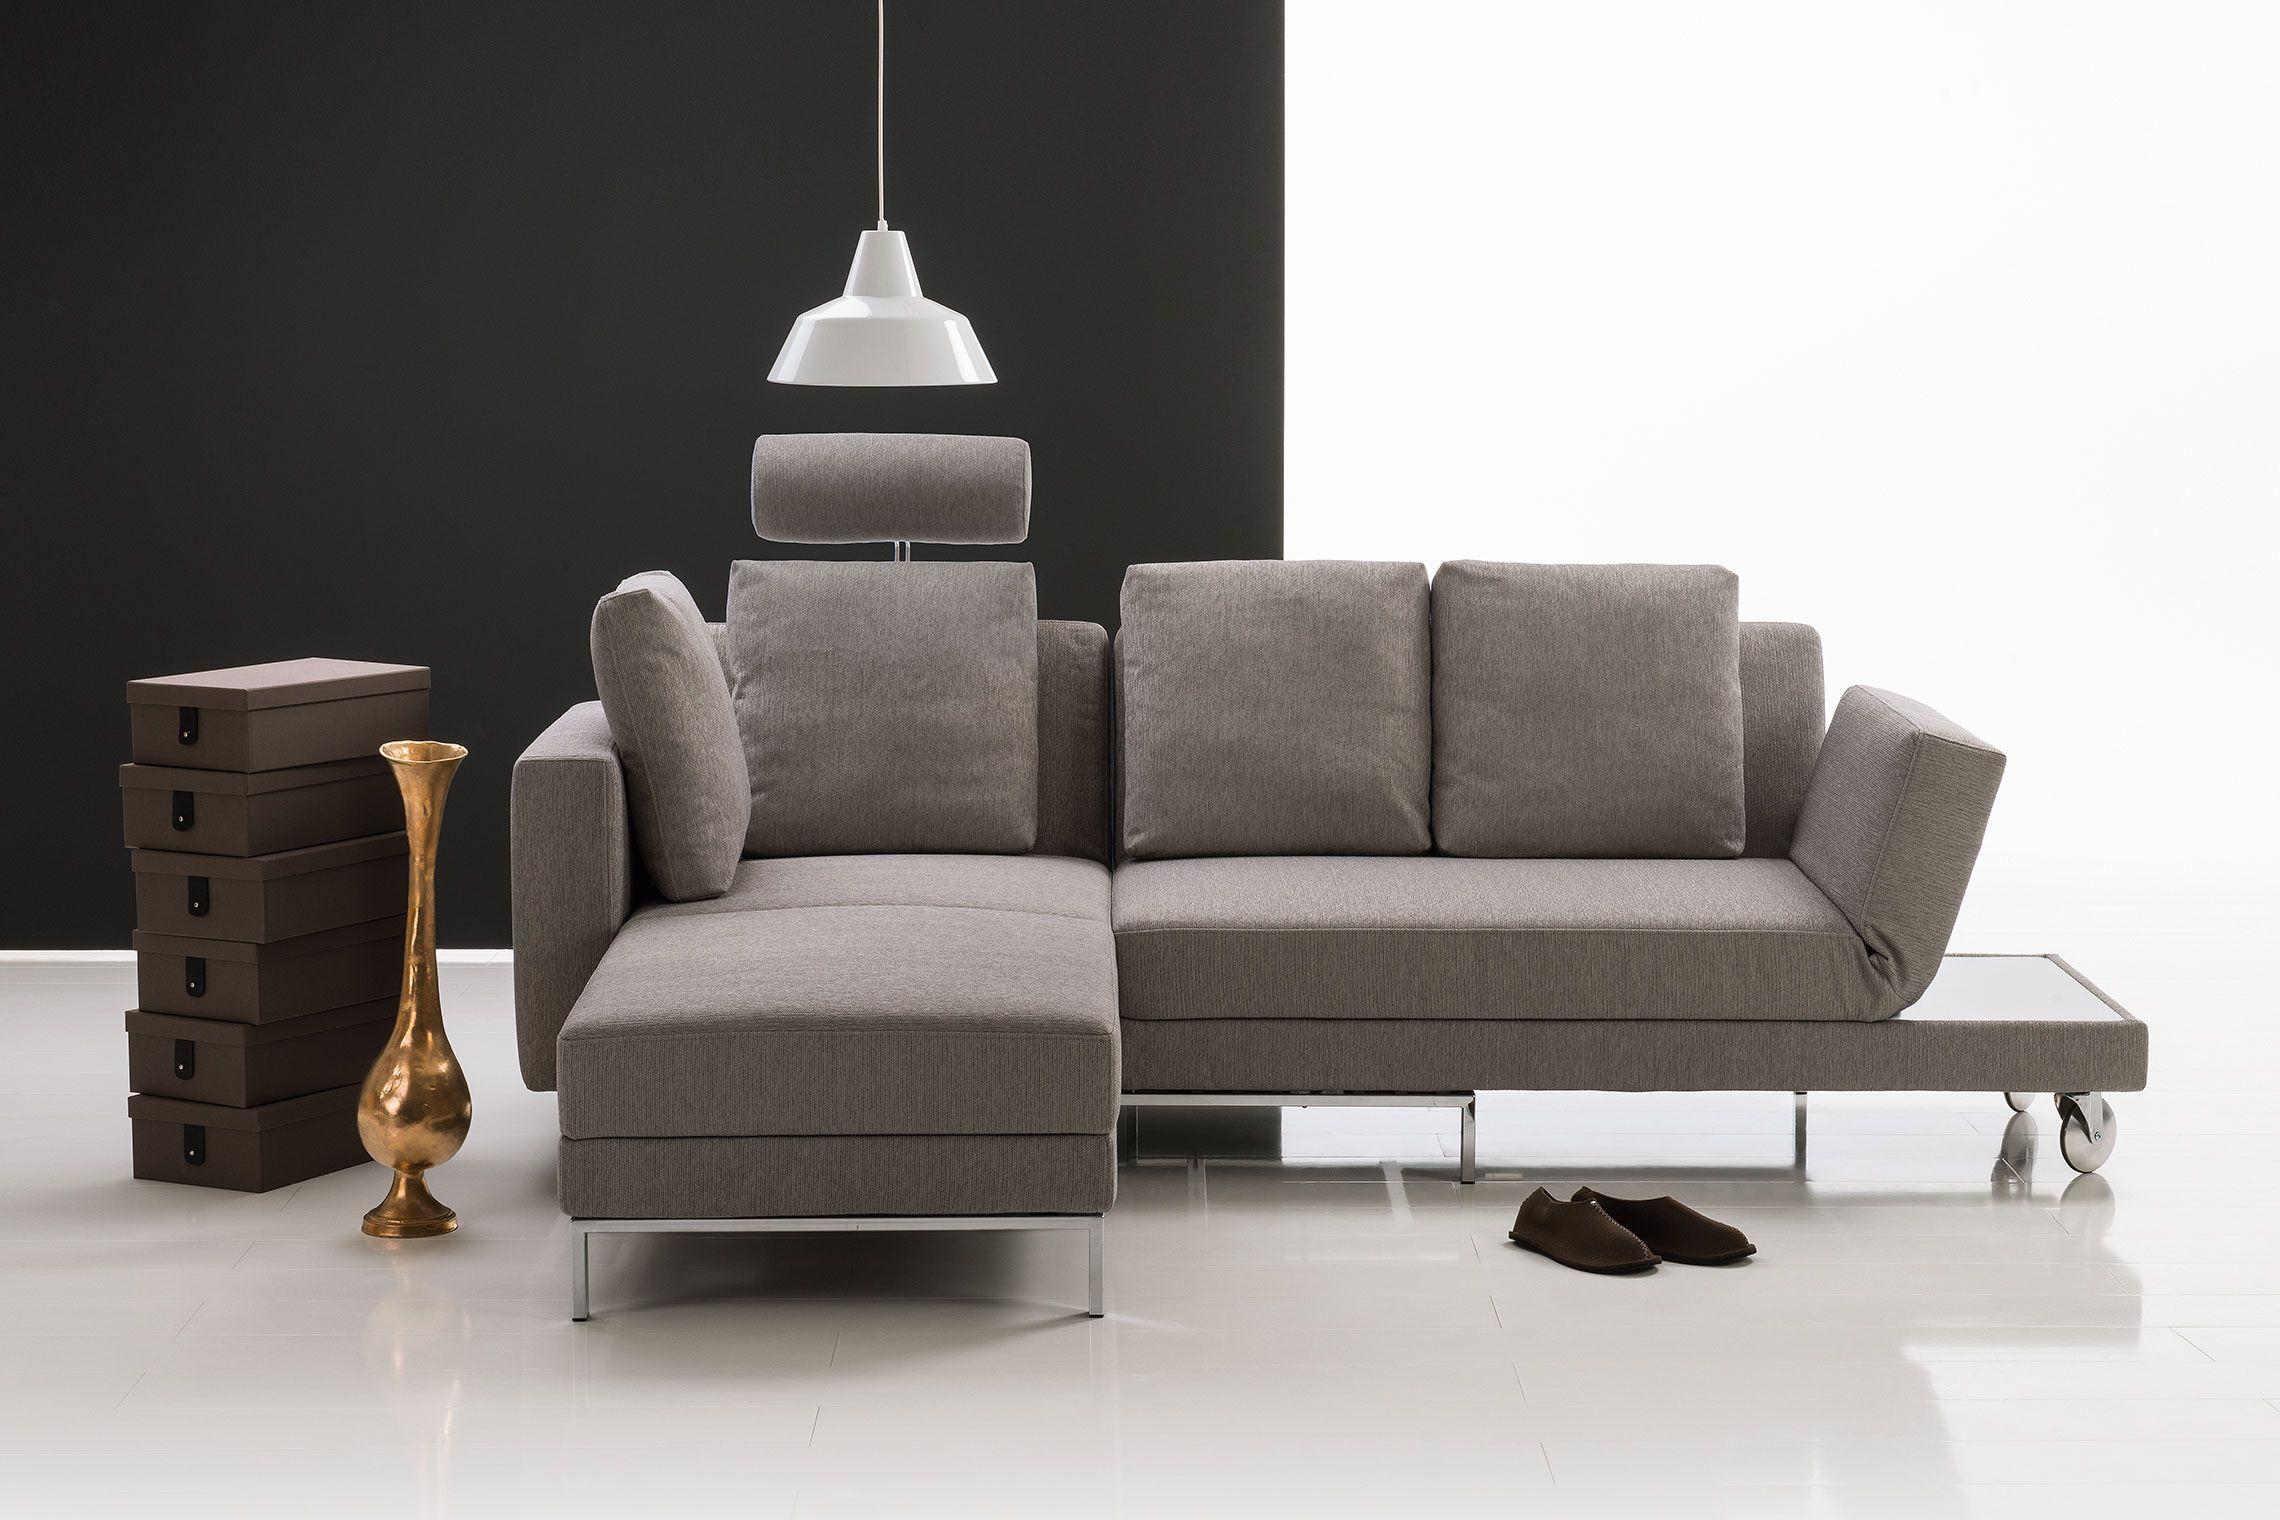 multifunktion f r kleine interieurs die architektonisch. Black Bedroom Furniture Sets. Home Design Ideas